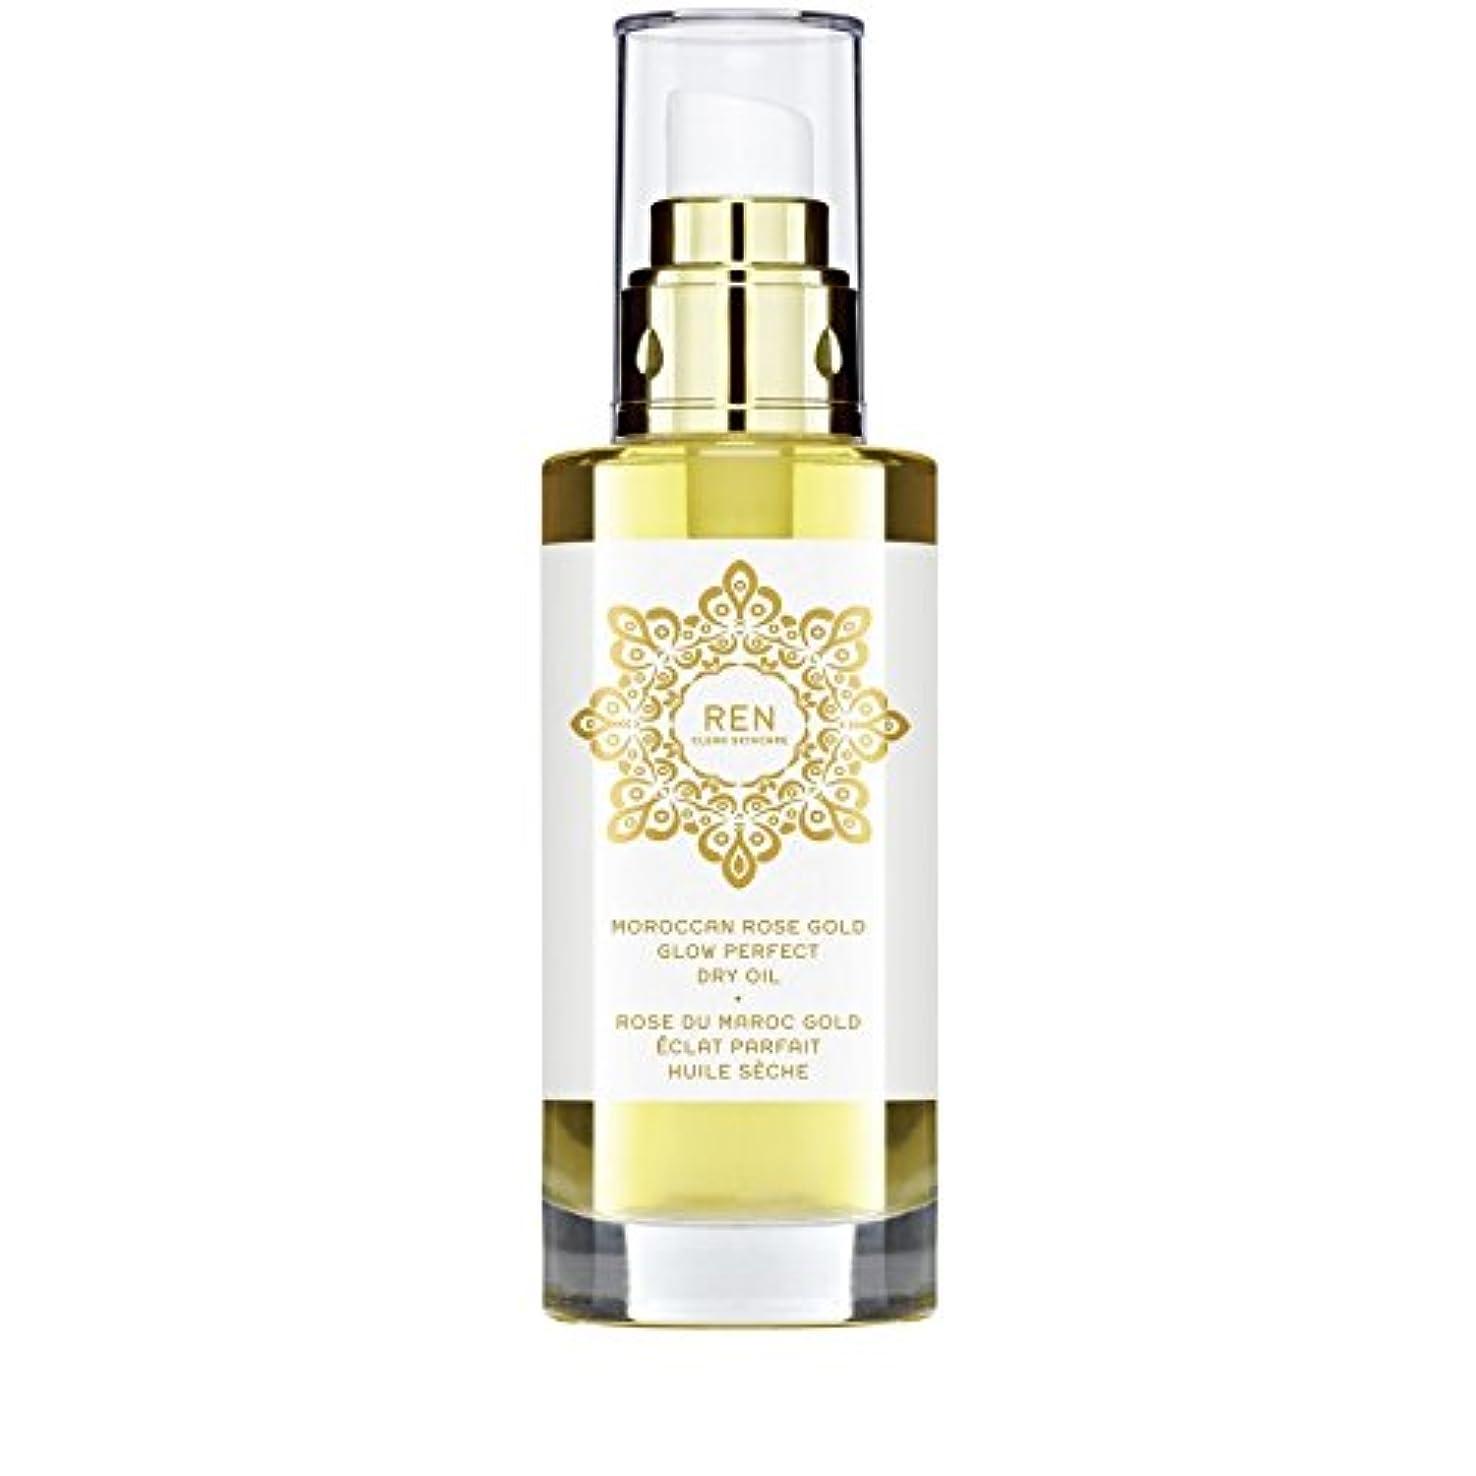 丘ホット海岸モロッコは金が完璧なドライオイル100ミリリットルグローバラ x4 - REN Moroccan Rose Gold Glow Perfect Dry Oil 100ml (Pack of 4) [並行輸入品]